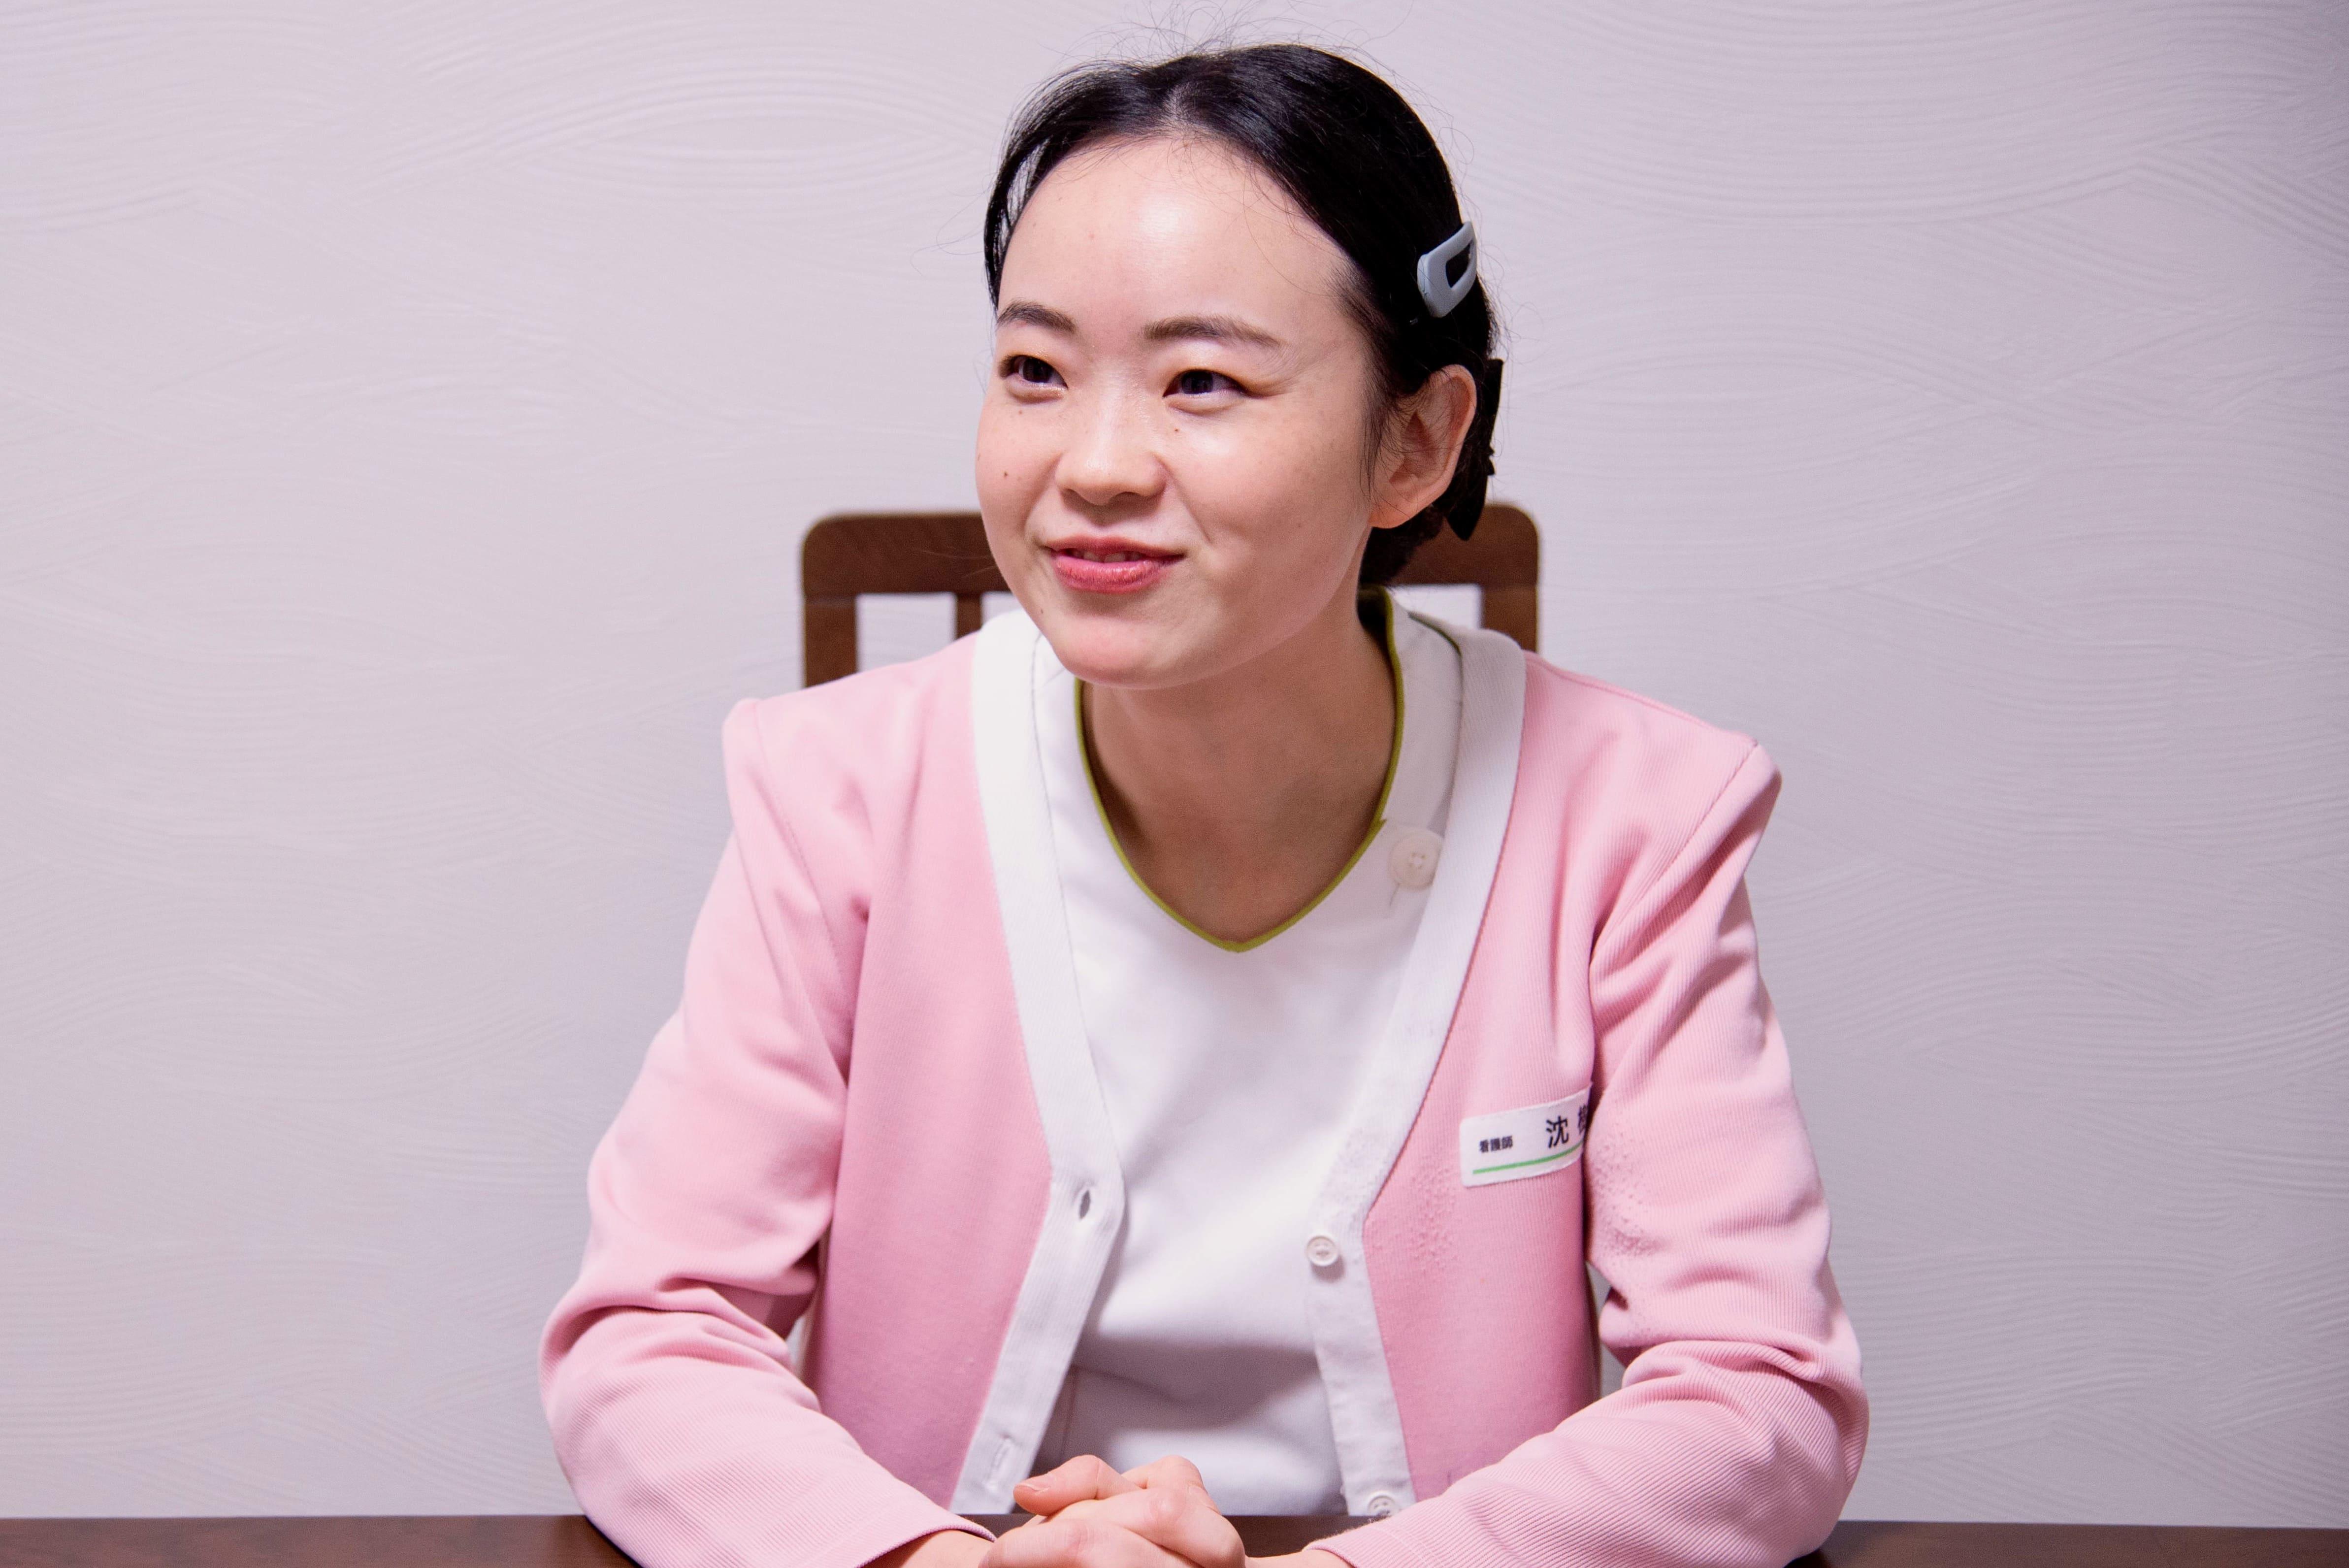 中国から来日し看護師として働く沈樹敏さんのあゆみと思い【前編】